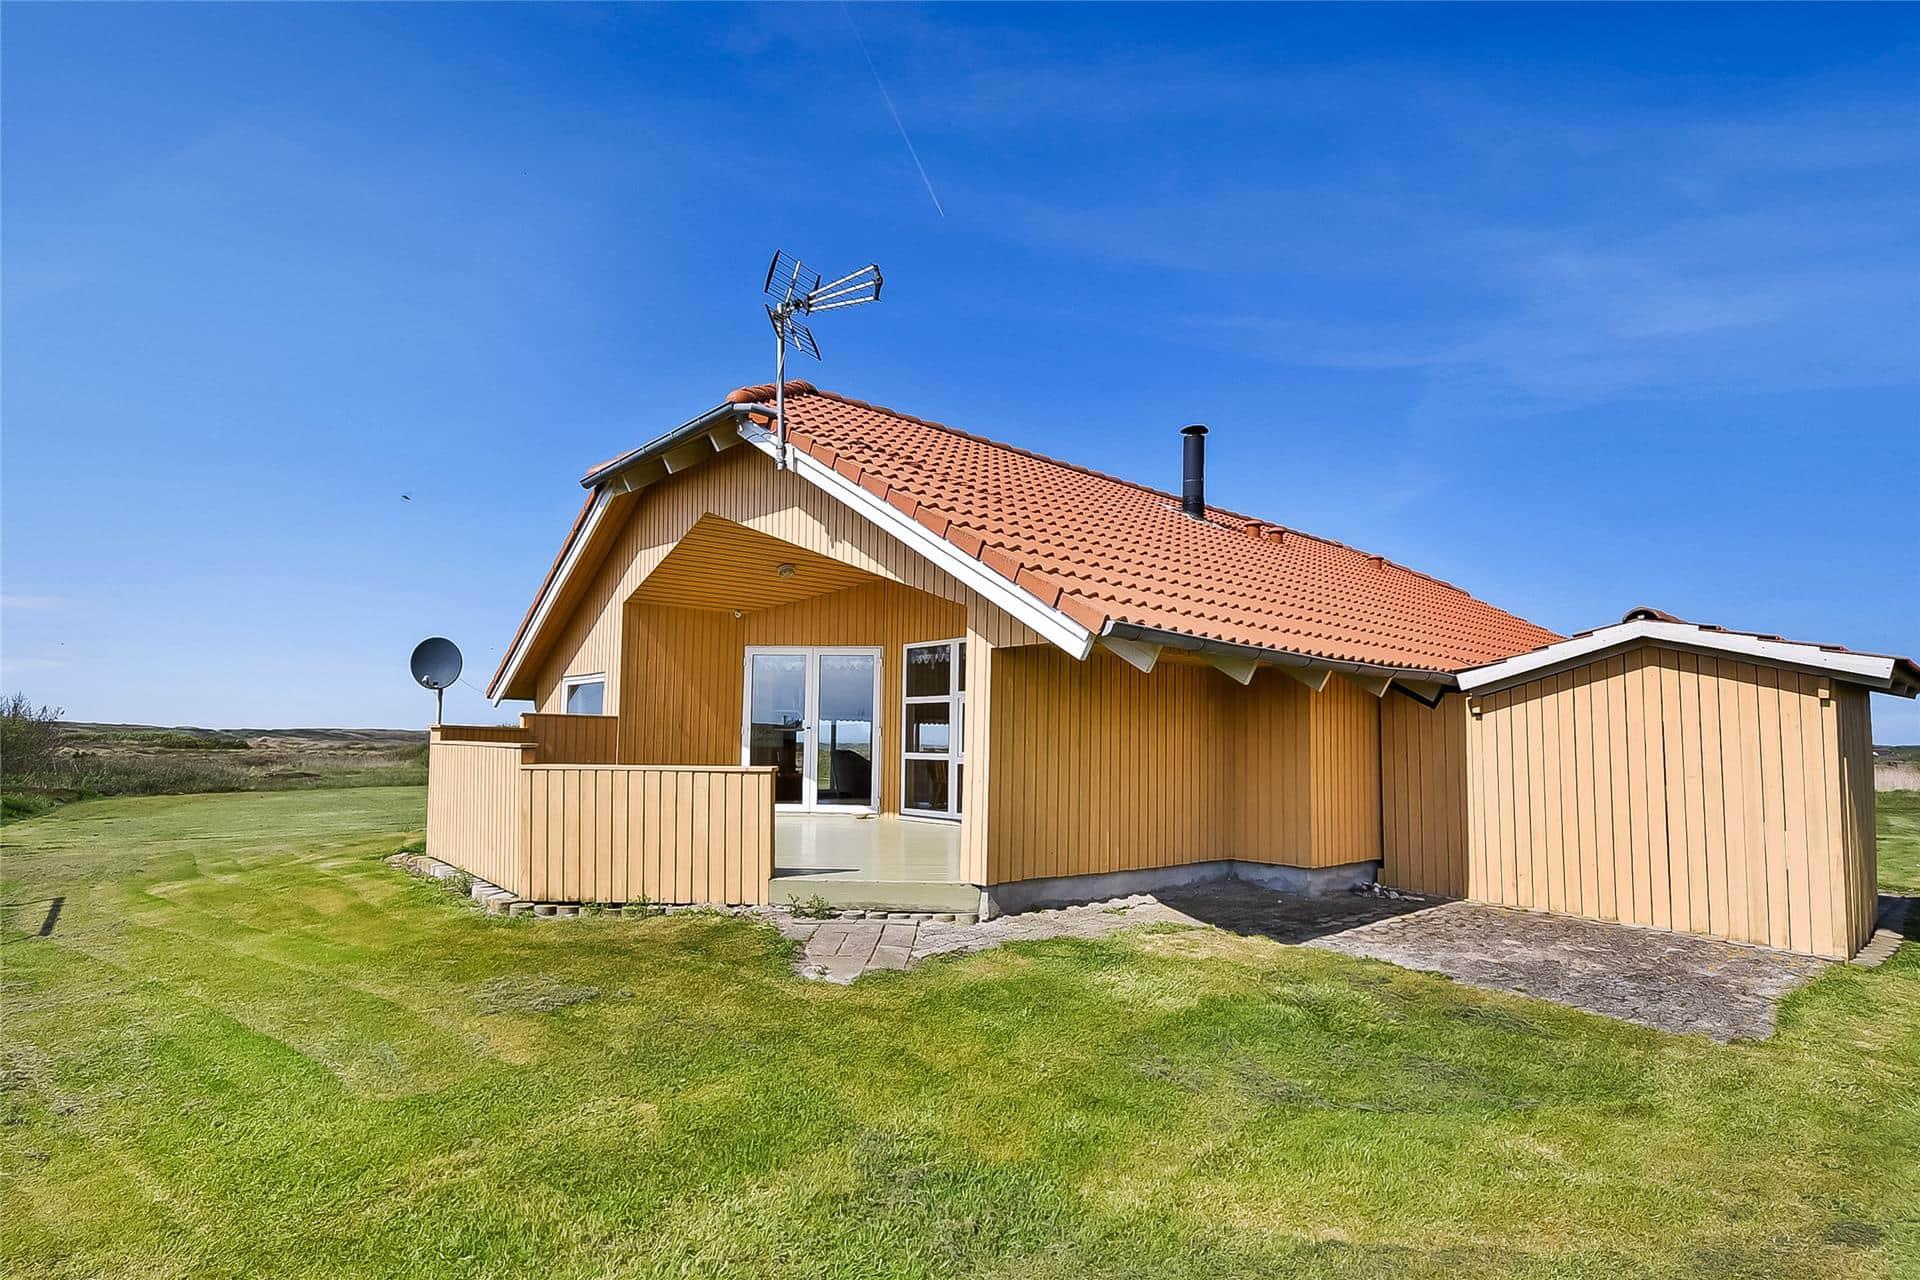 Bild 1-20 Stuga 514, Lyngsletten 60, DK - 7620 Lemvig